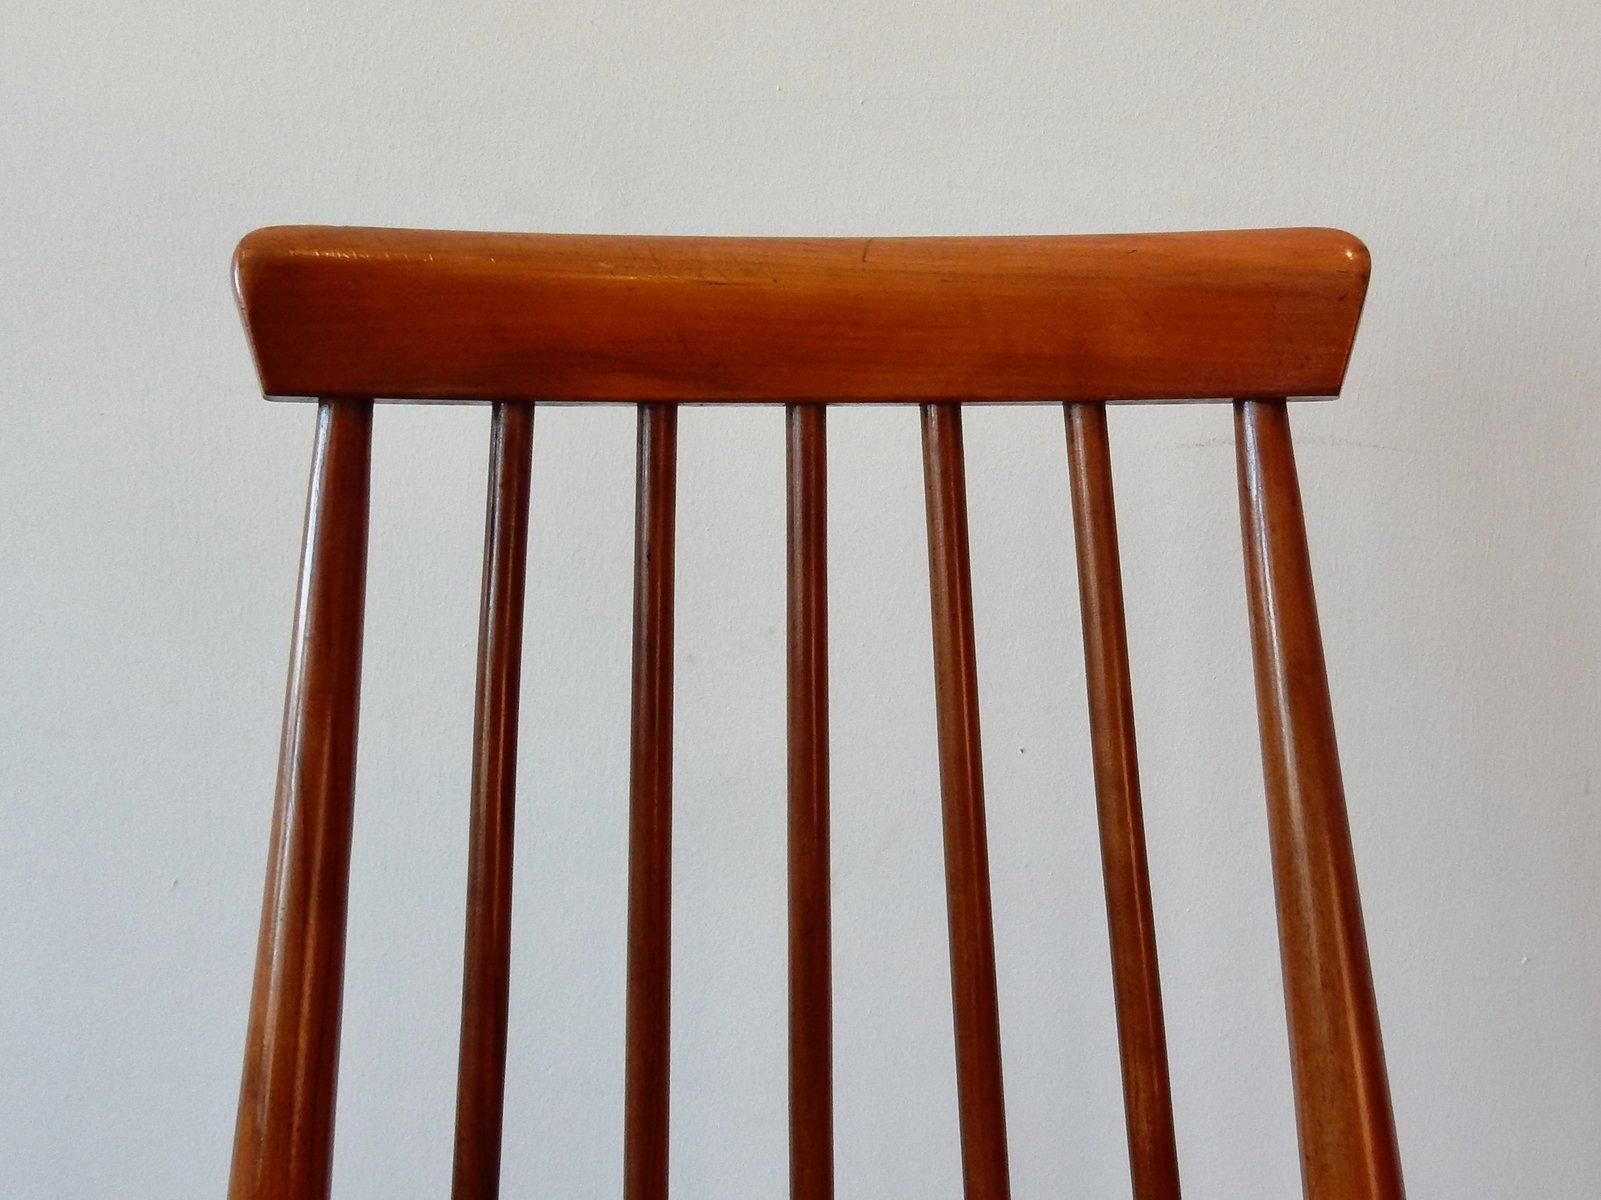 Sedie vintage in legno massiccio, set di 2 in vendita su ...